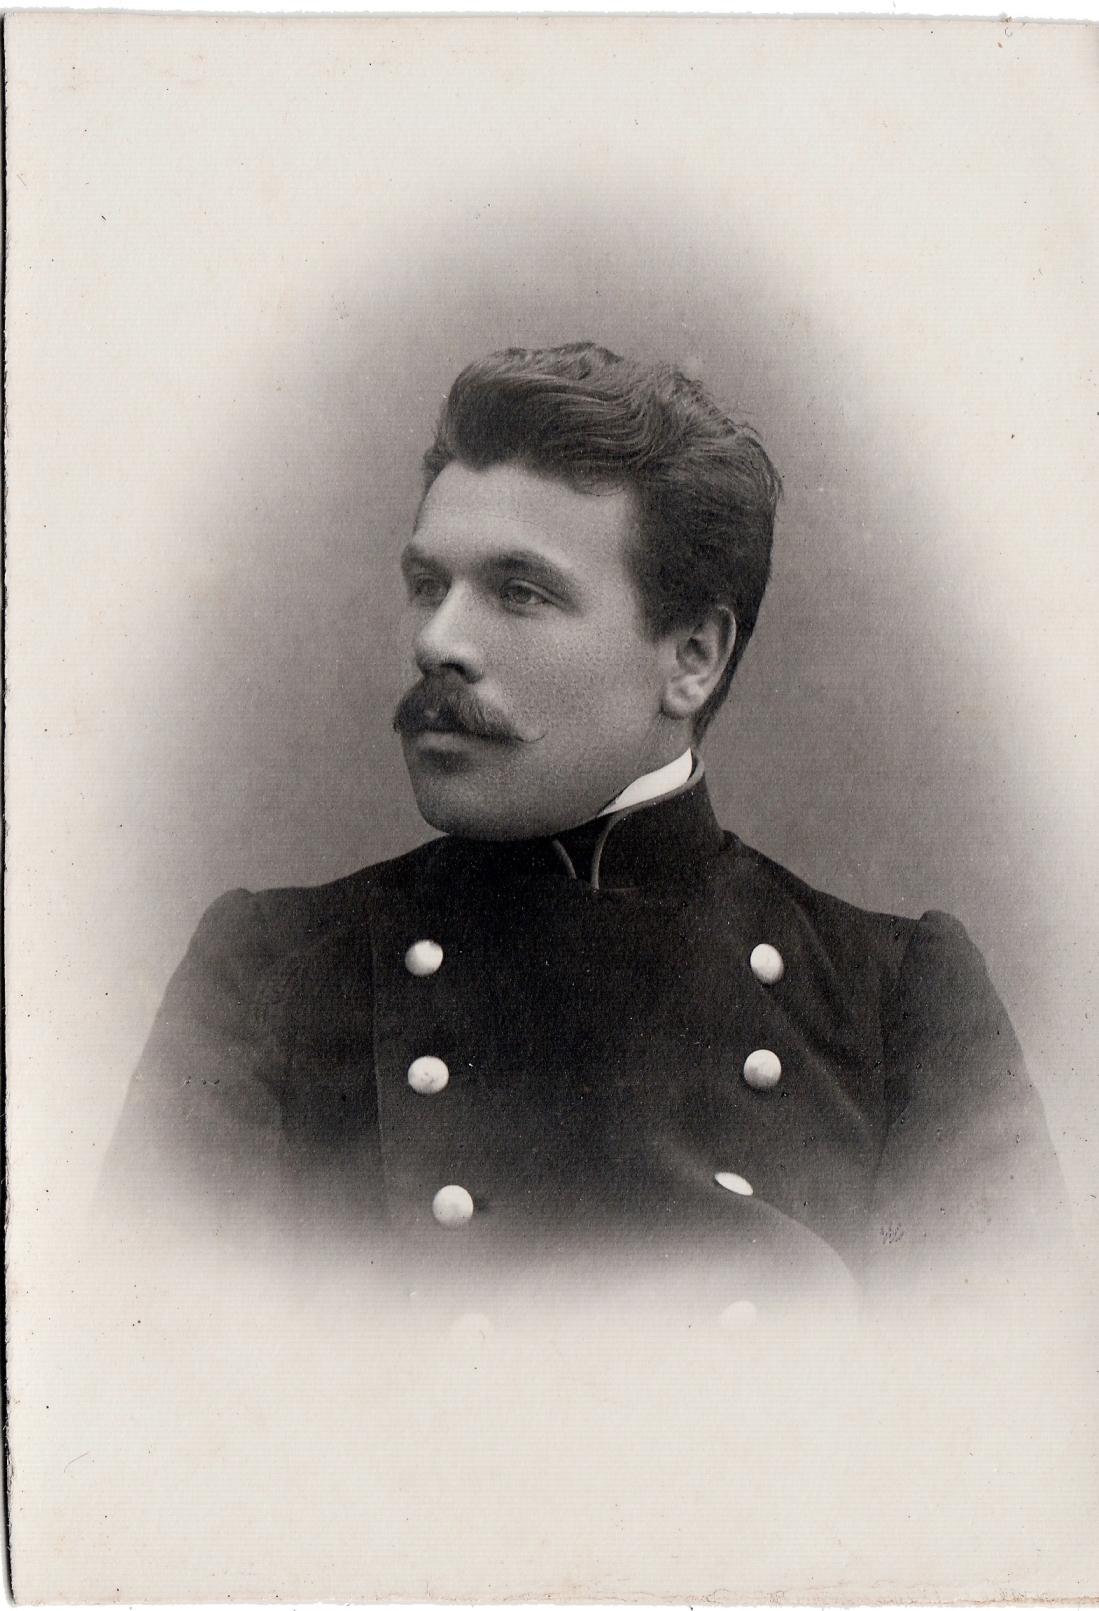 Студент Гиляревский Александр.  II отделение 2 разряд. (скончался в 1938 году в ссылке)